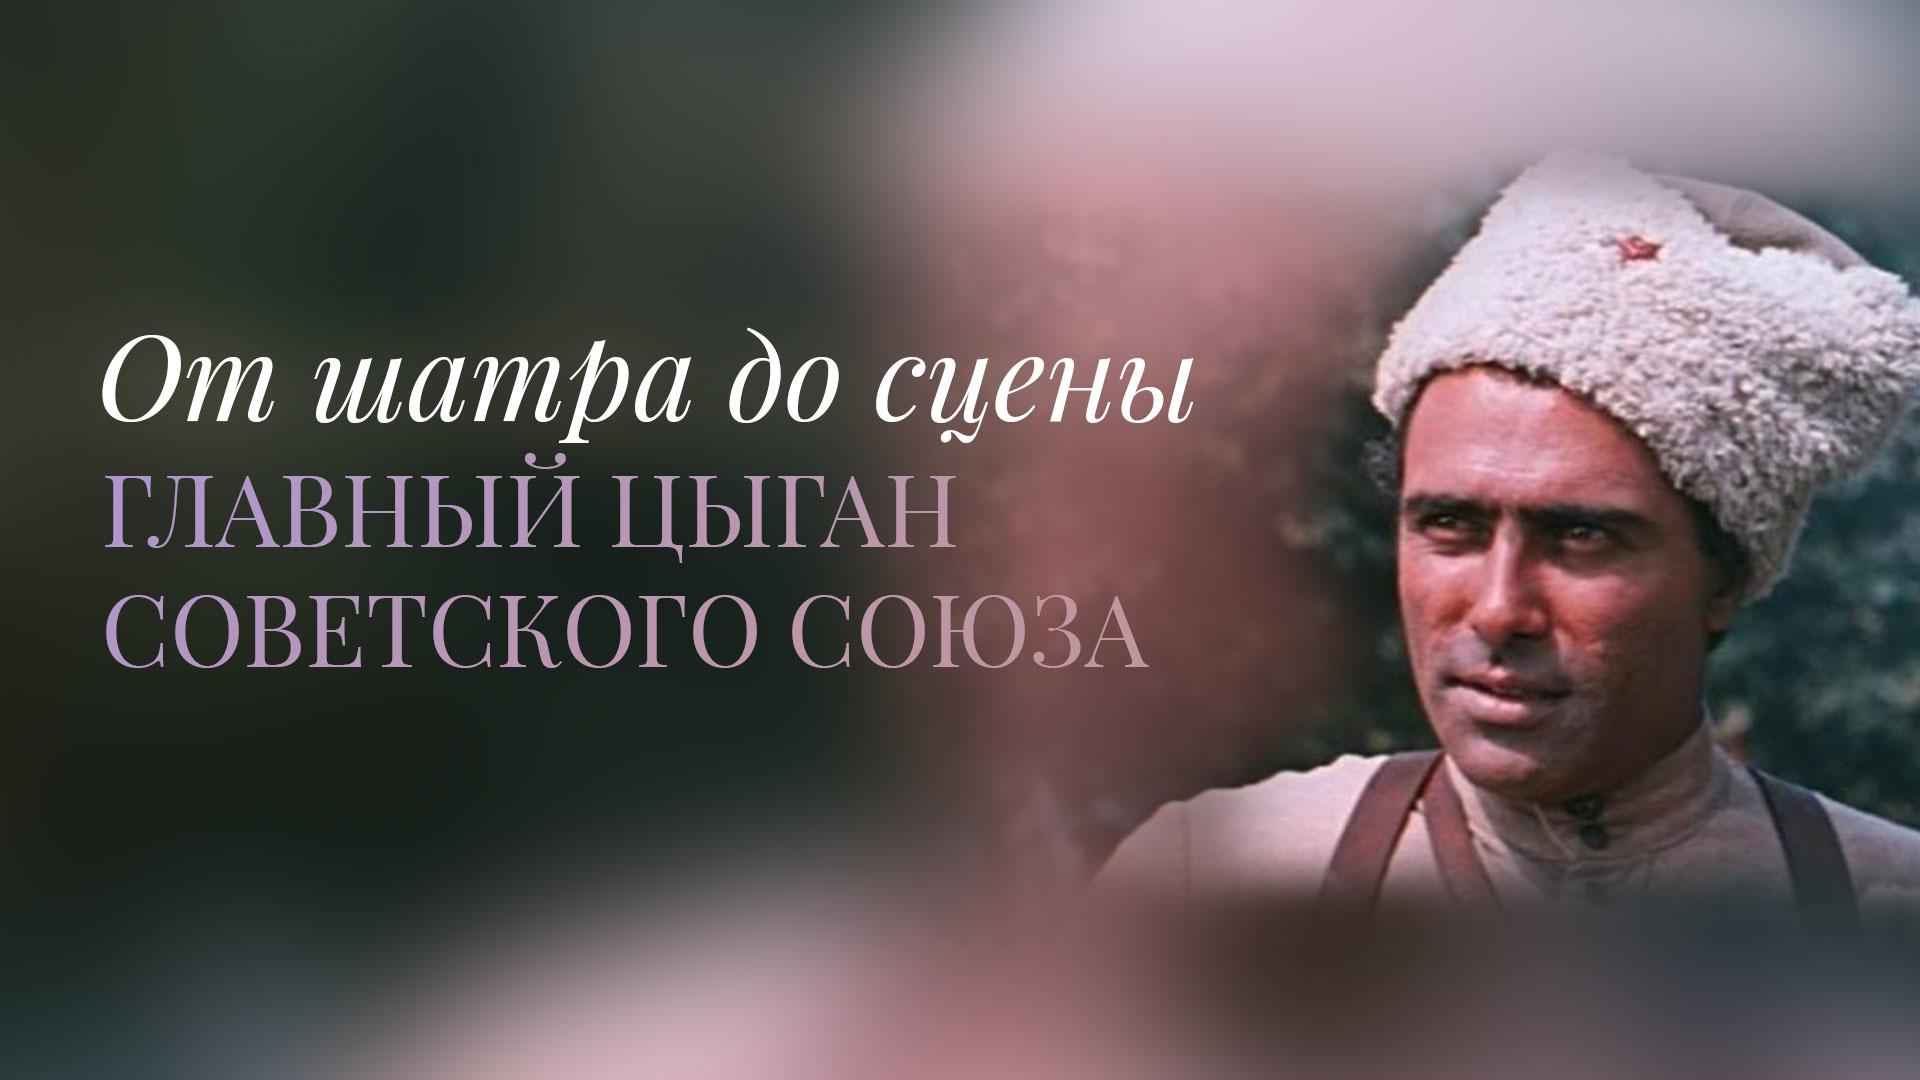 От шатра до сцены. Главный цыган Советского Союза